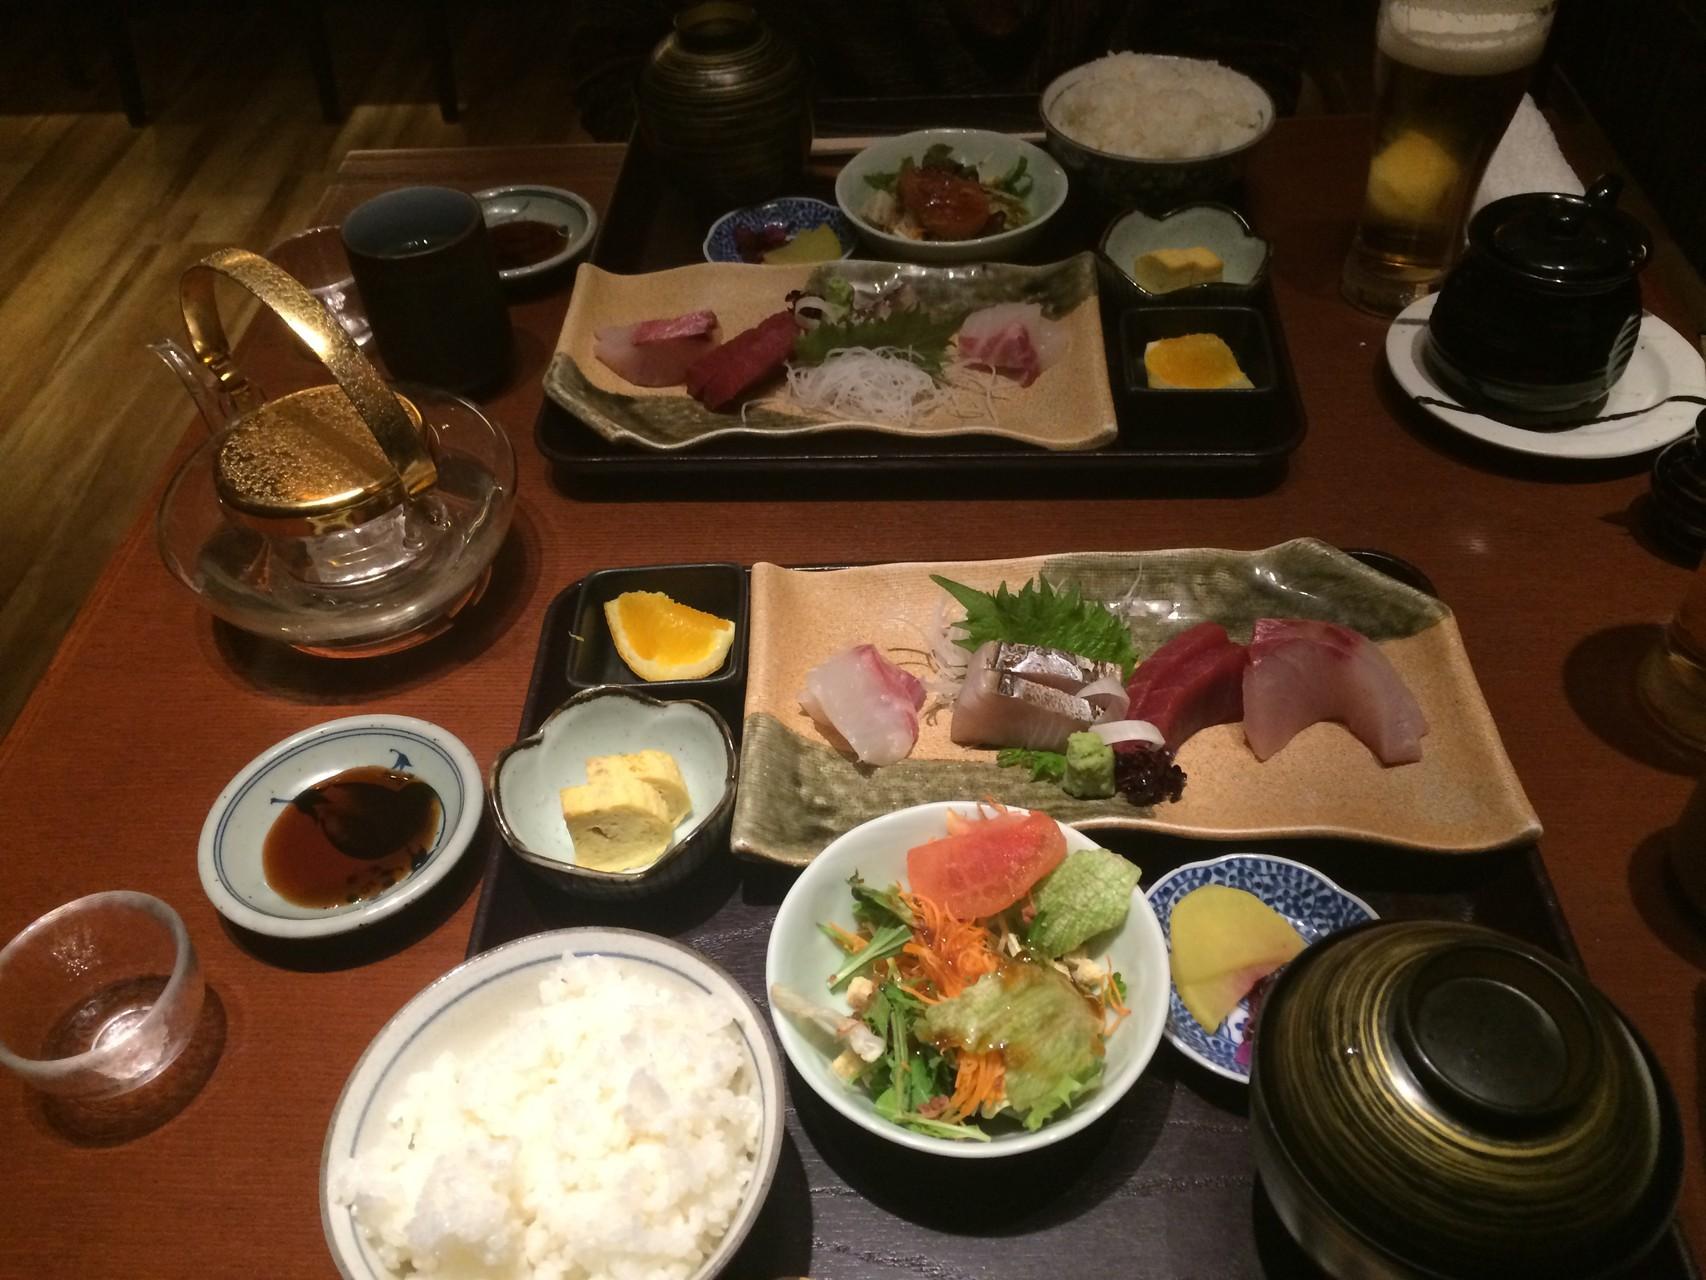 Notre dernier repas japonais à Nagoya